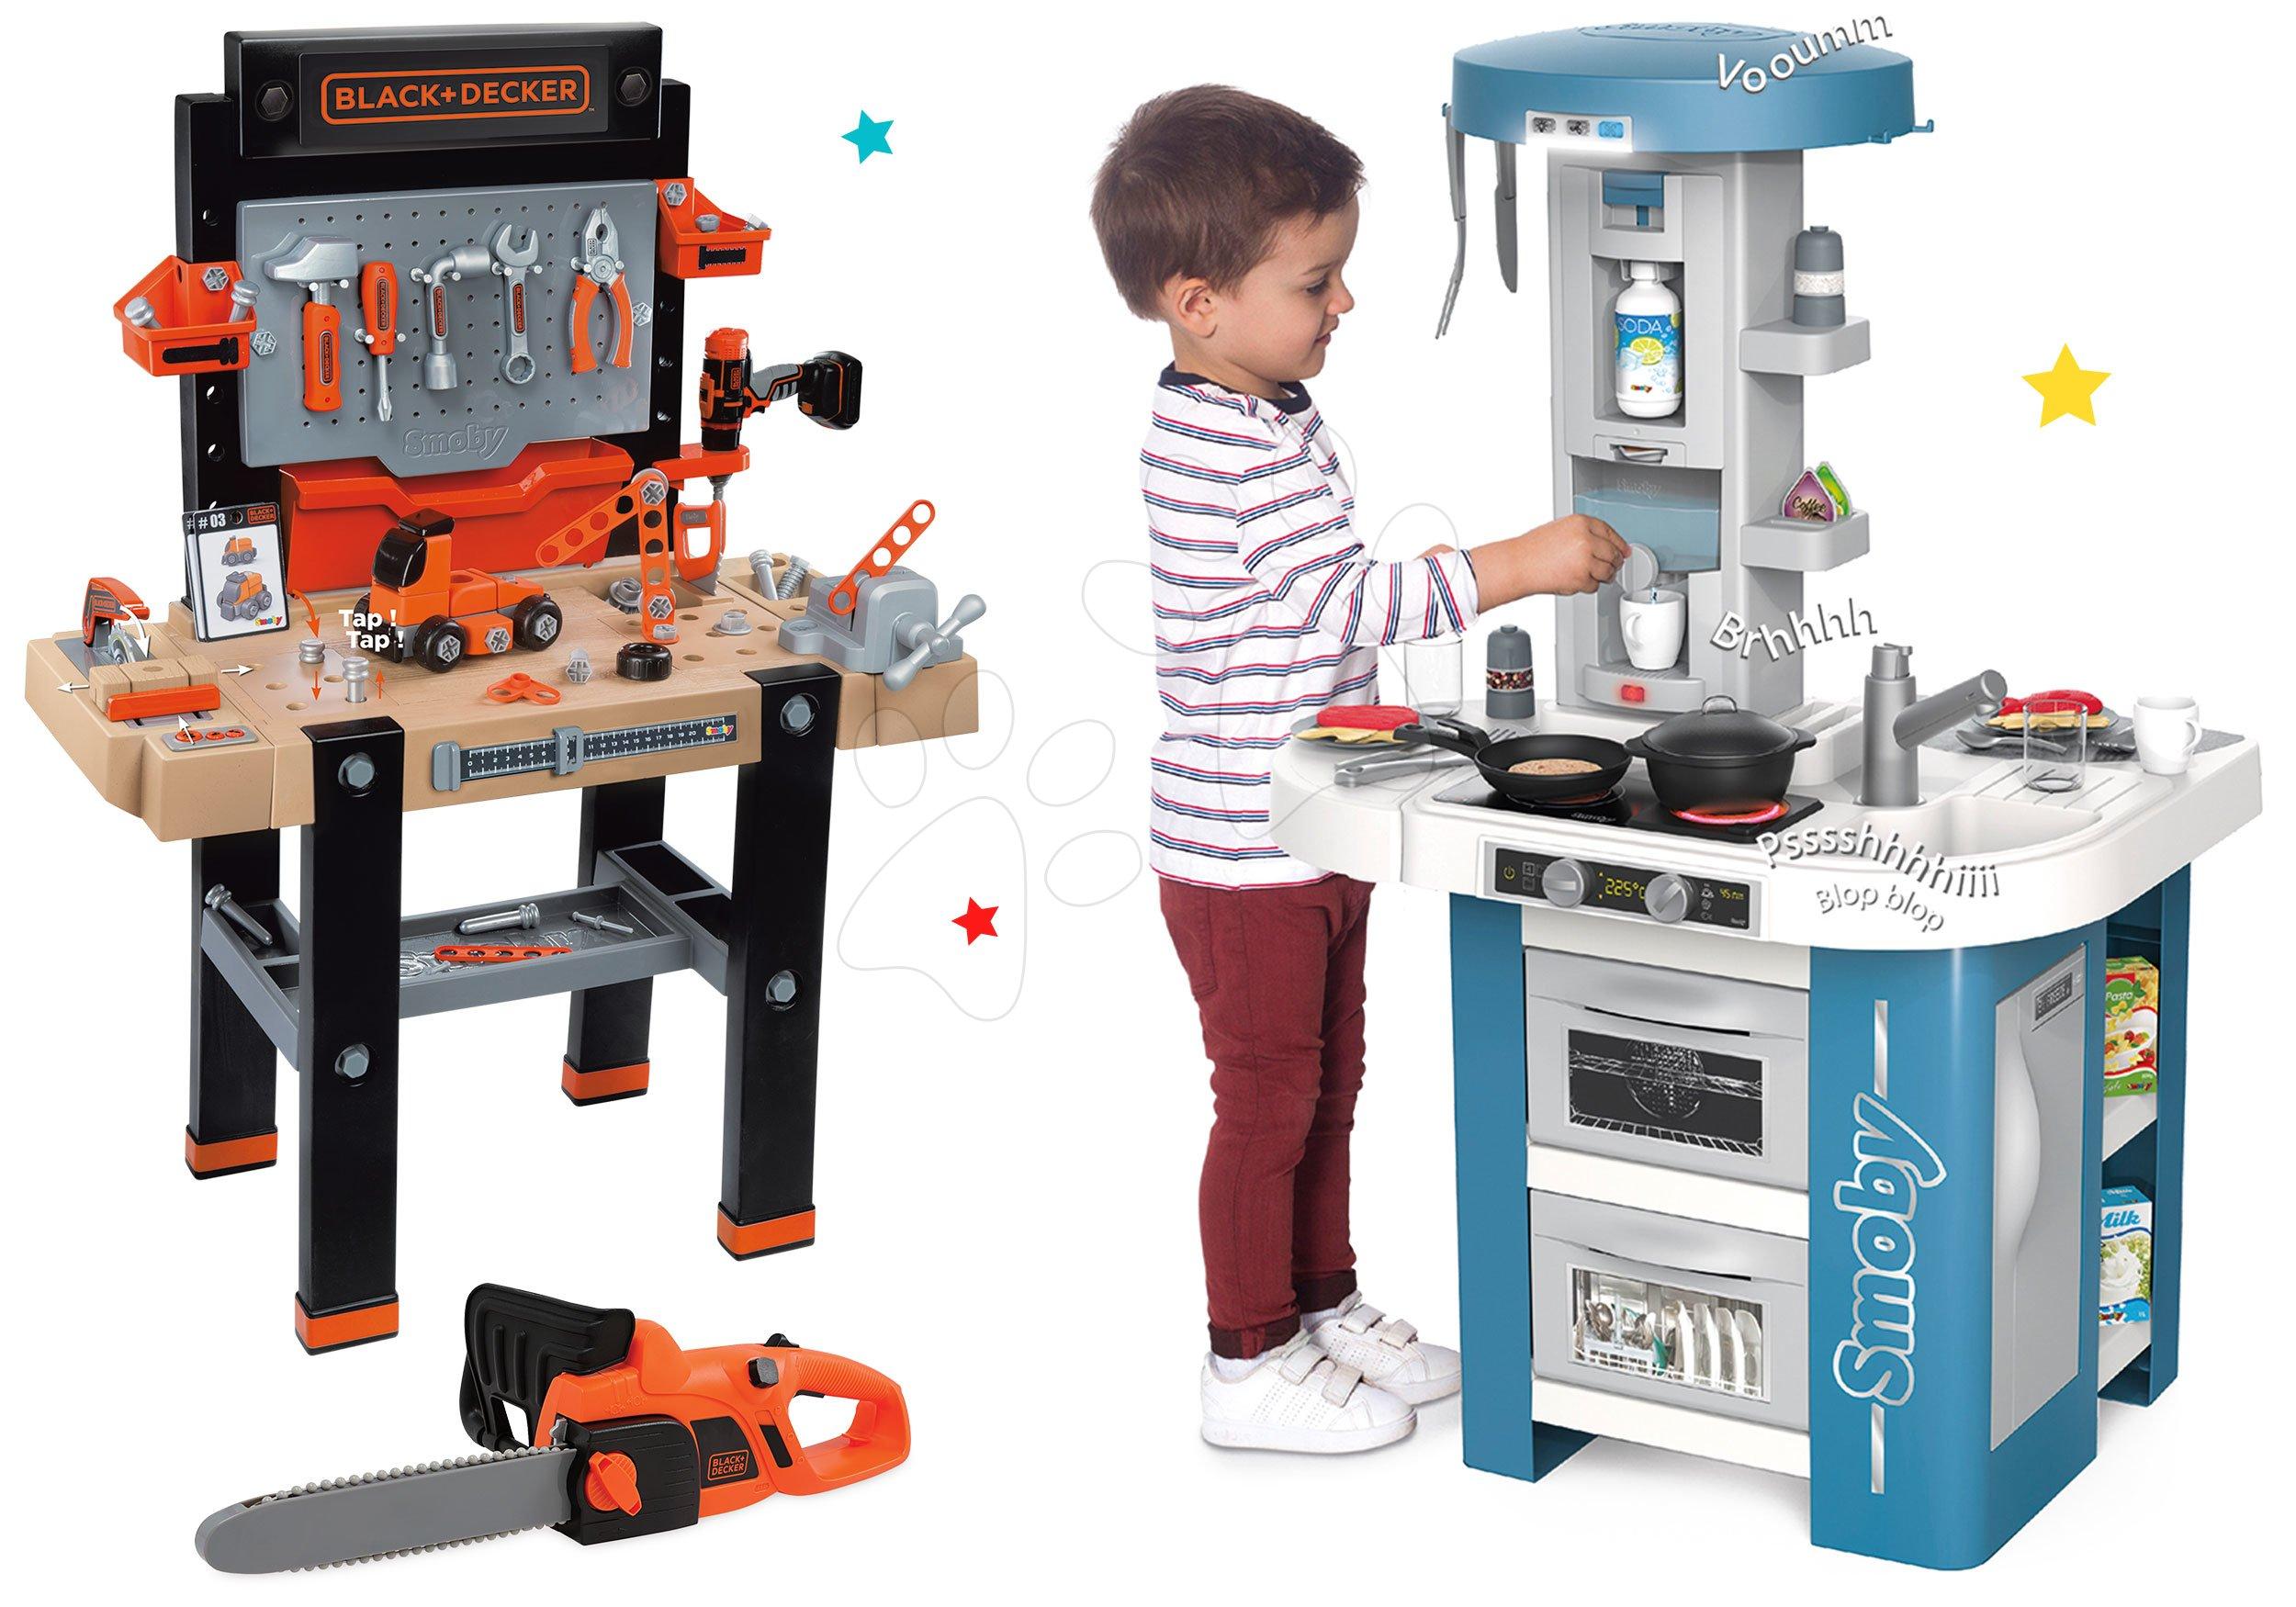 Set kuchyňka s technickým vybavením Tech Edition Smoby elektronická a pracovní dílna Black&Decker s motorovou pilou